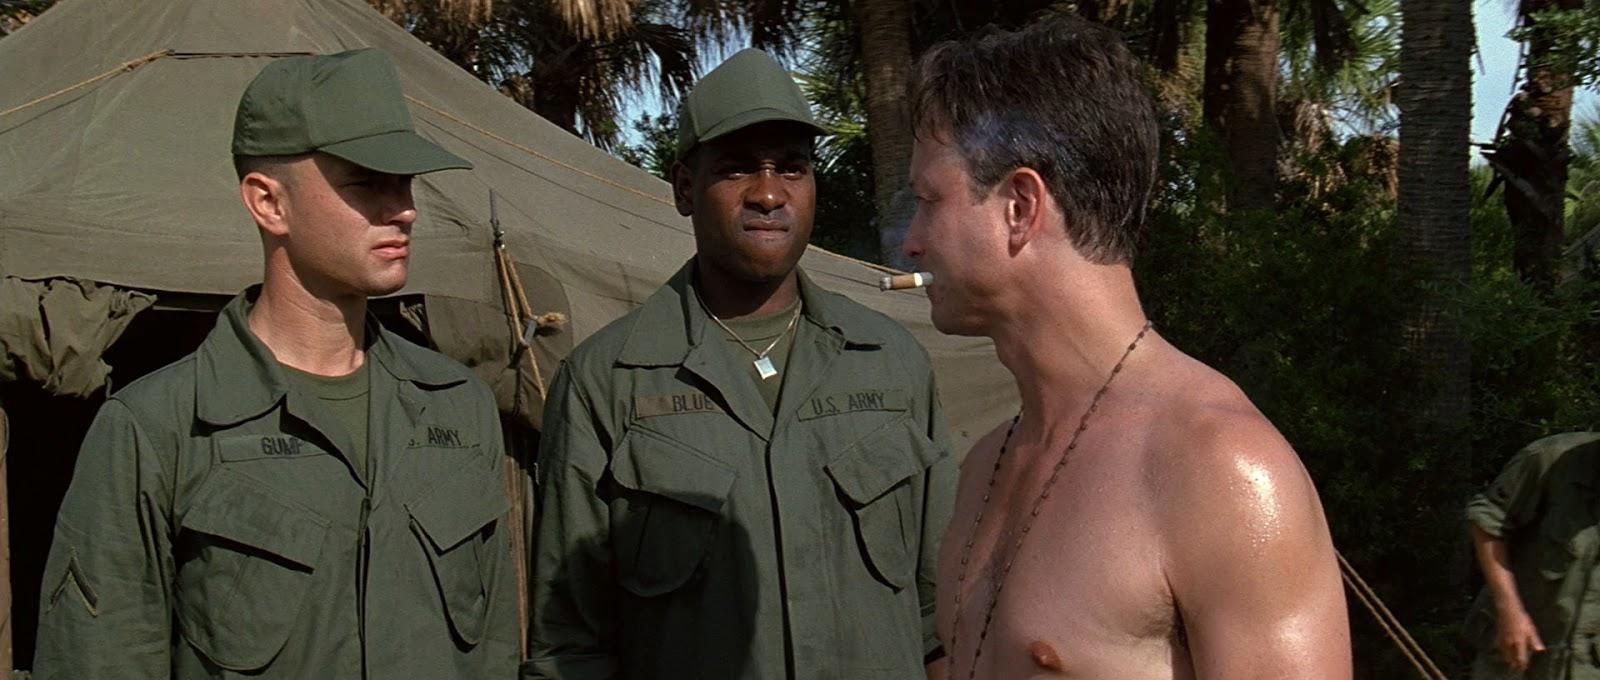 Forrest Gump (1994) 3